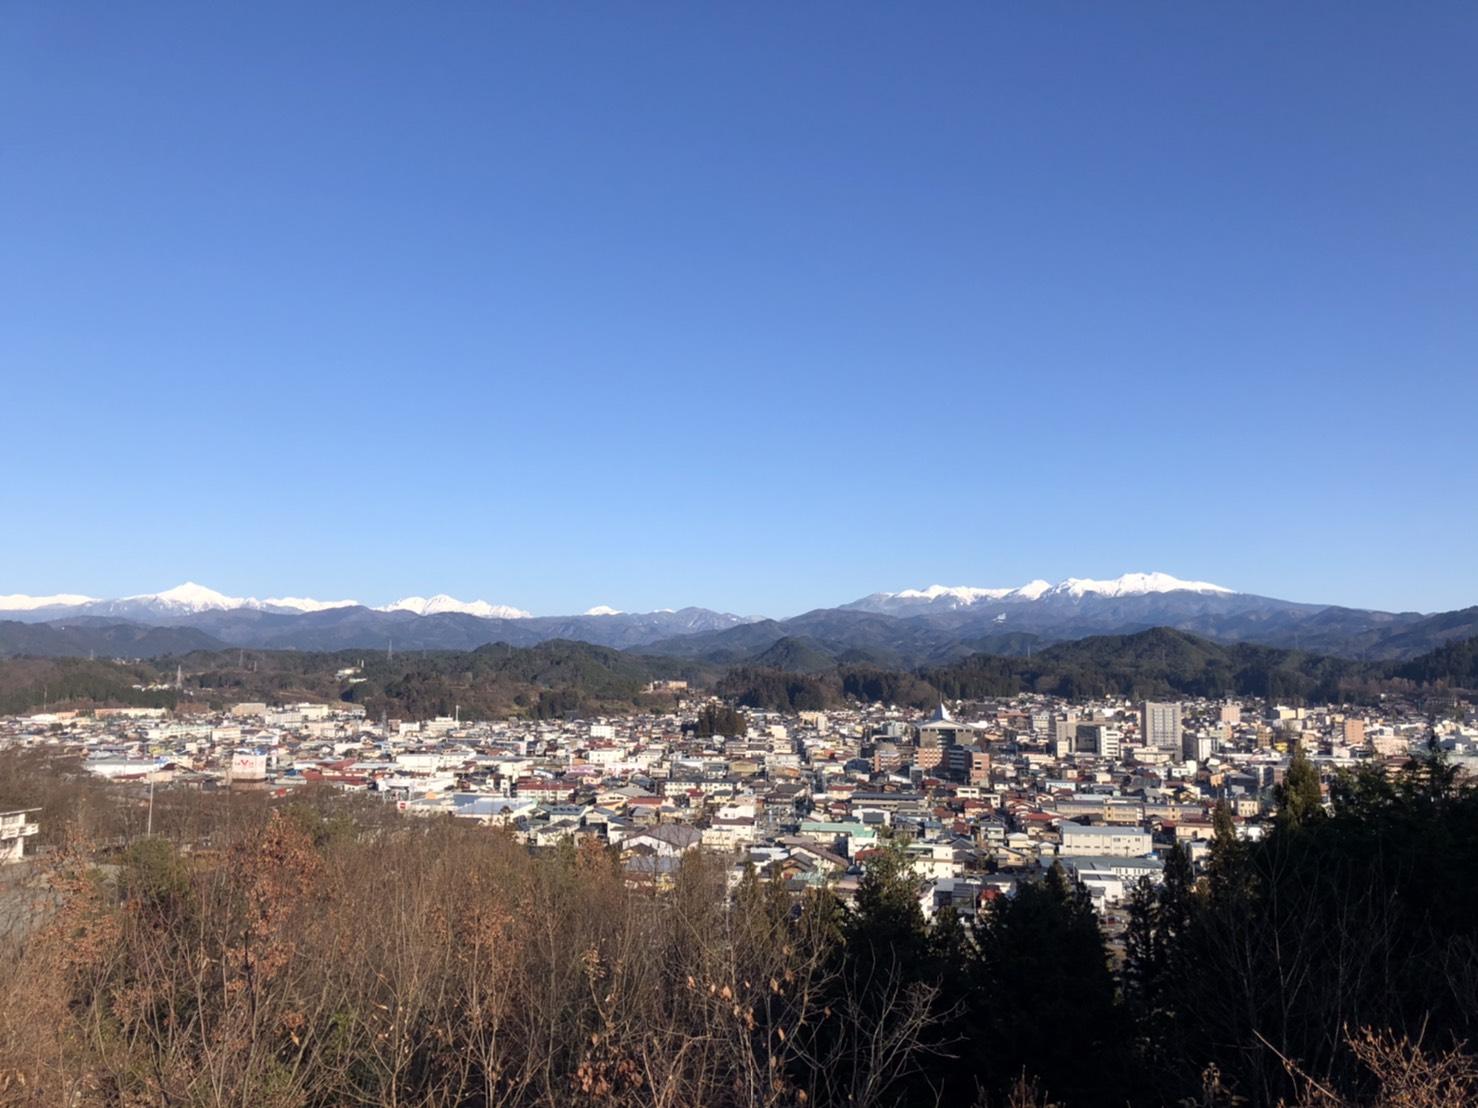 高山の街並み